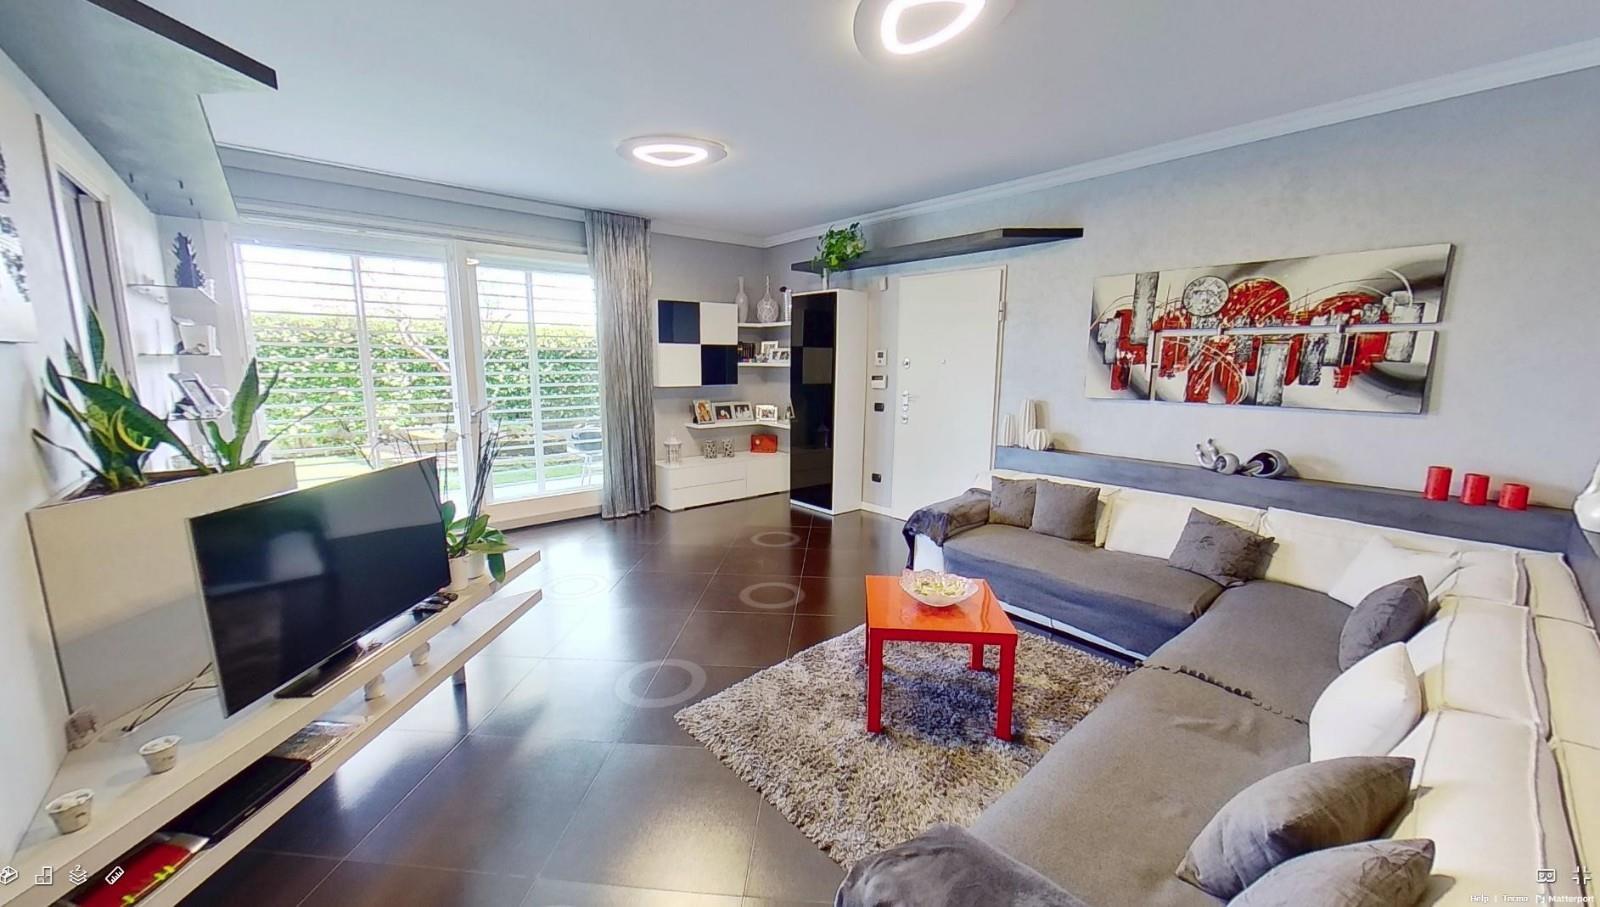 Foto 1 - Appartamento in Vendita - Monza, Zona Buonarroti